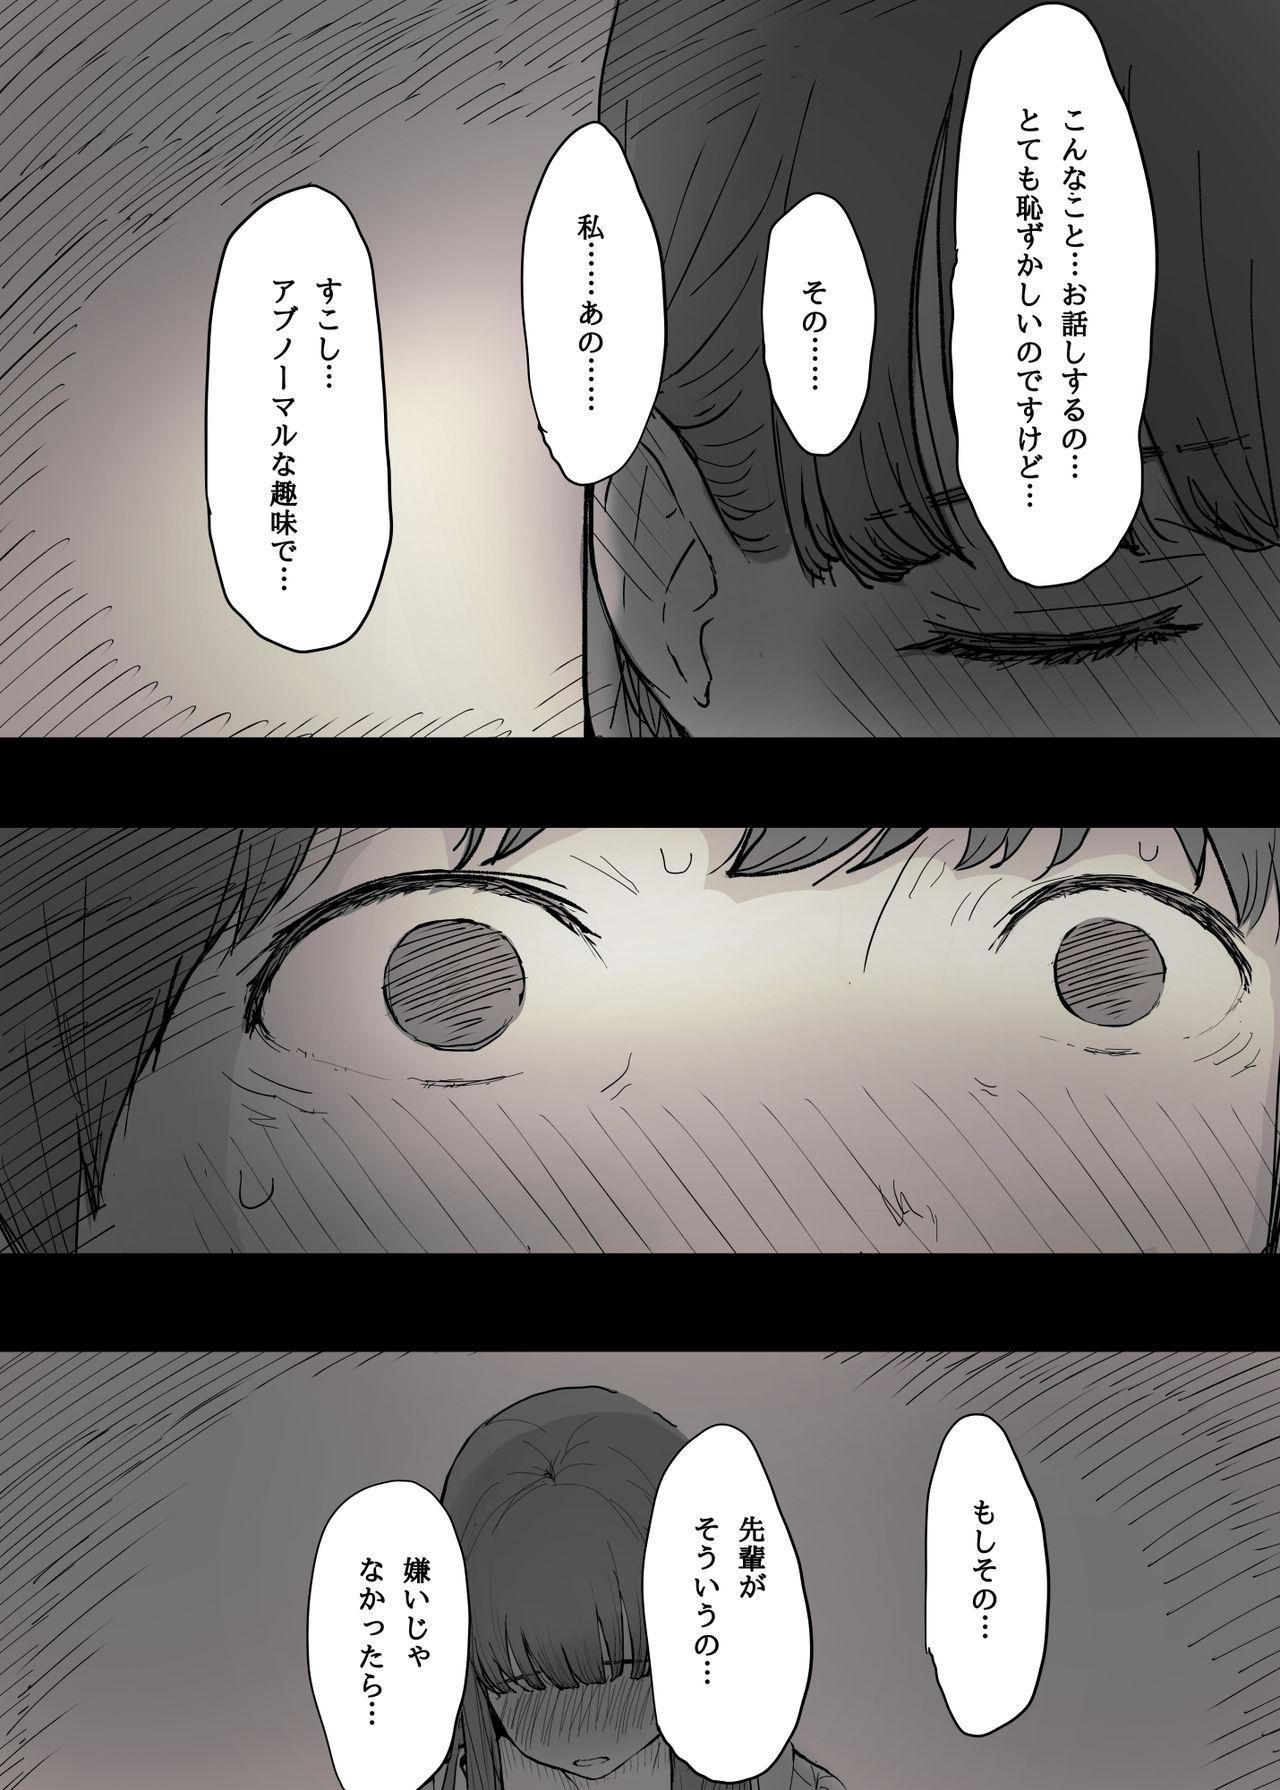 Bungaku Joshi ni Taberareru 8